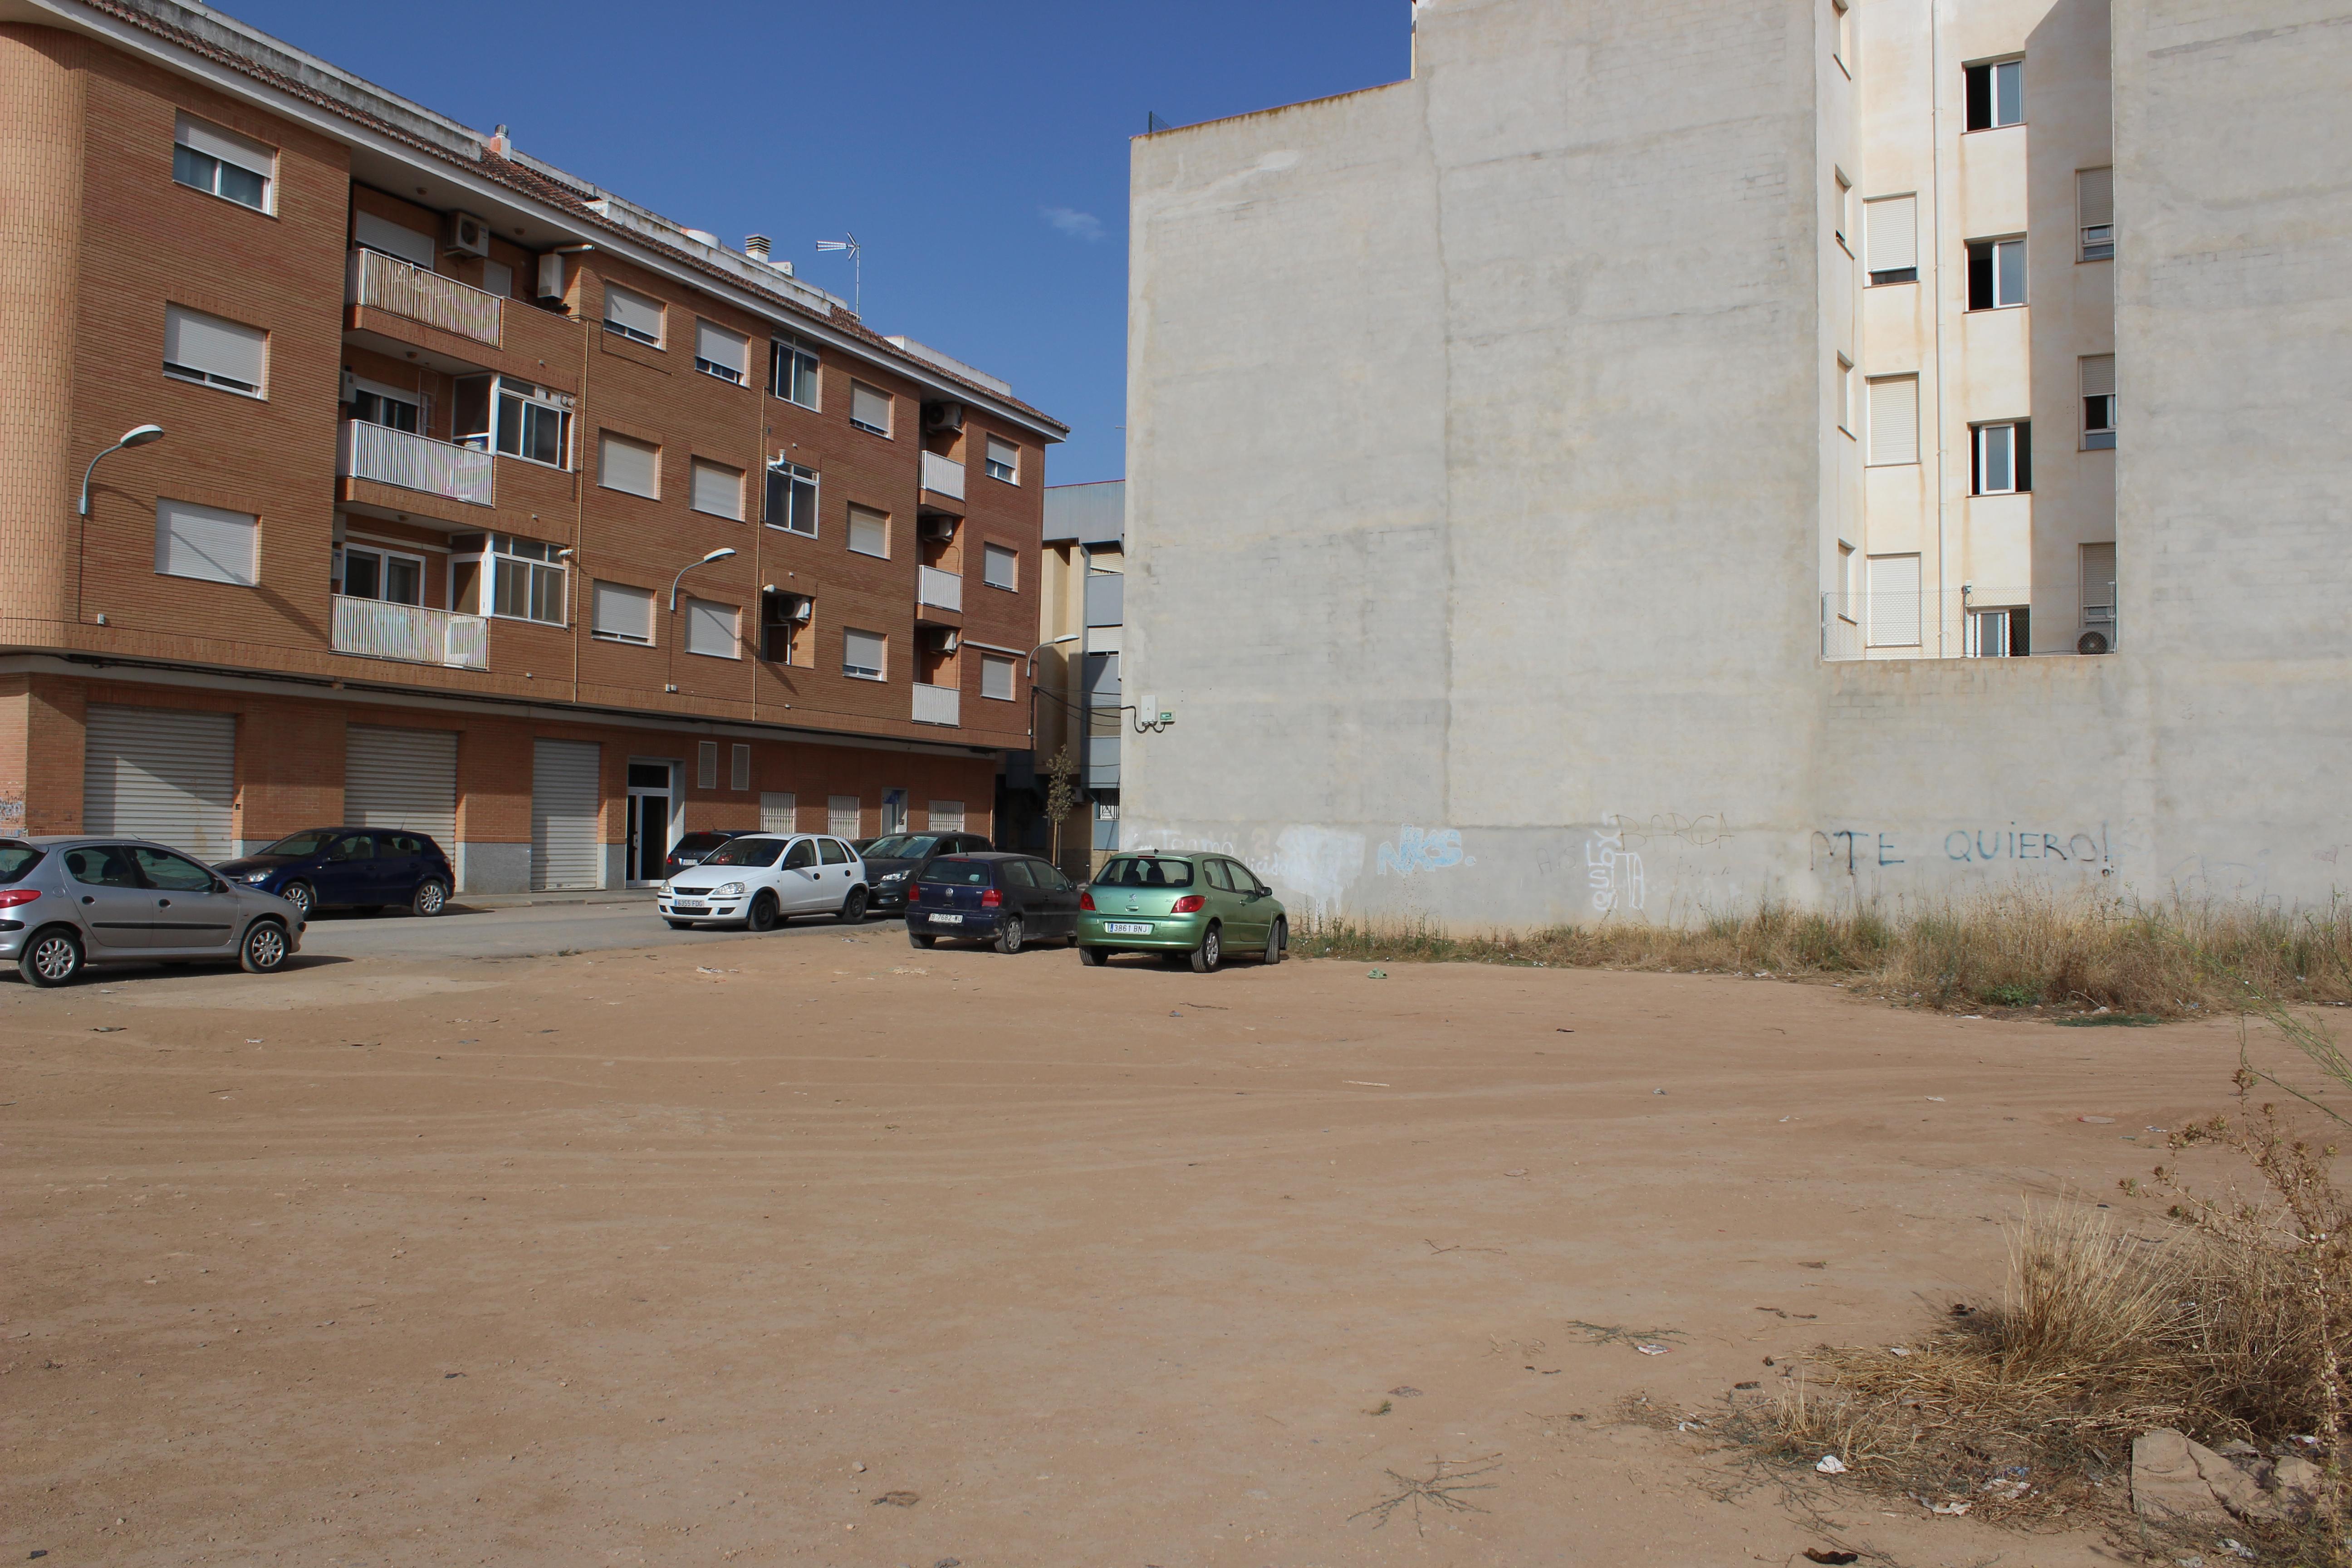 L'Ajuntament està executant en la zona educativa obres d'ampliació de voreres per augmentar la seguretat, el que ha suposat l'eliminació d'algunes places d'aparcament.